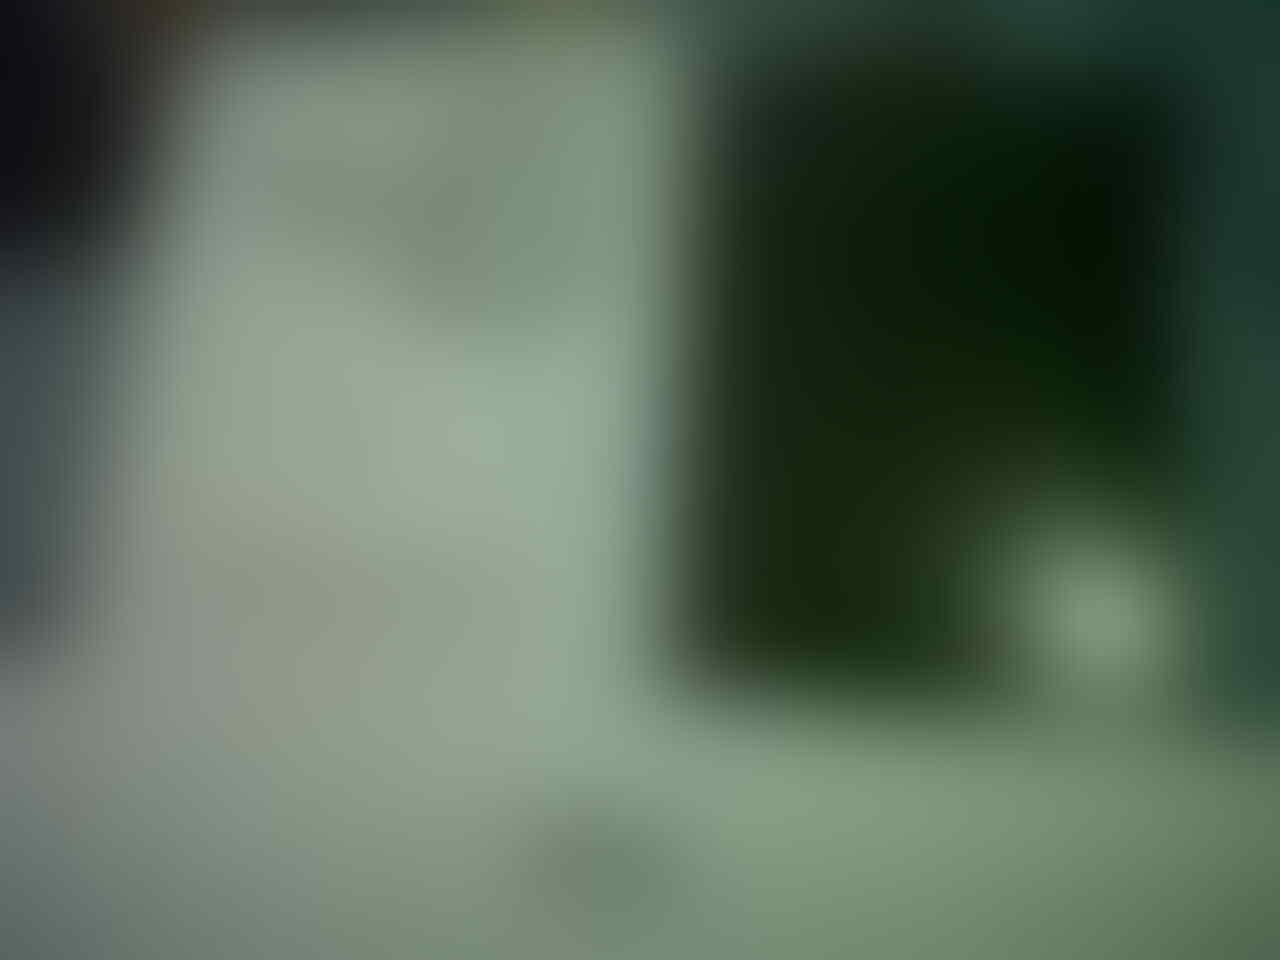 DIJUAL IPAD 2 WIFI 16 GB 3,7 juta Second Black